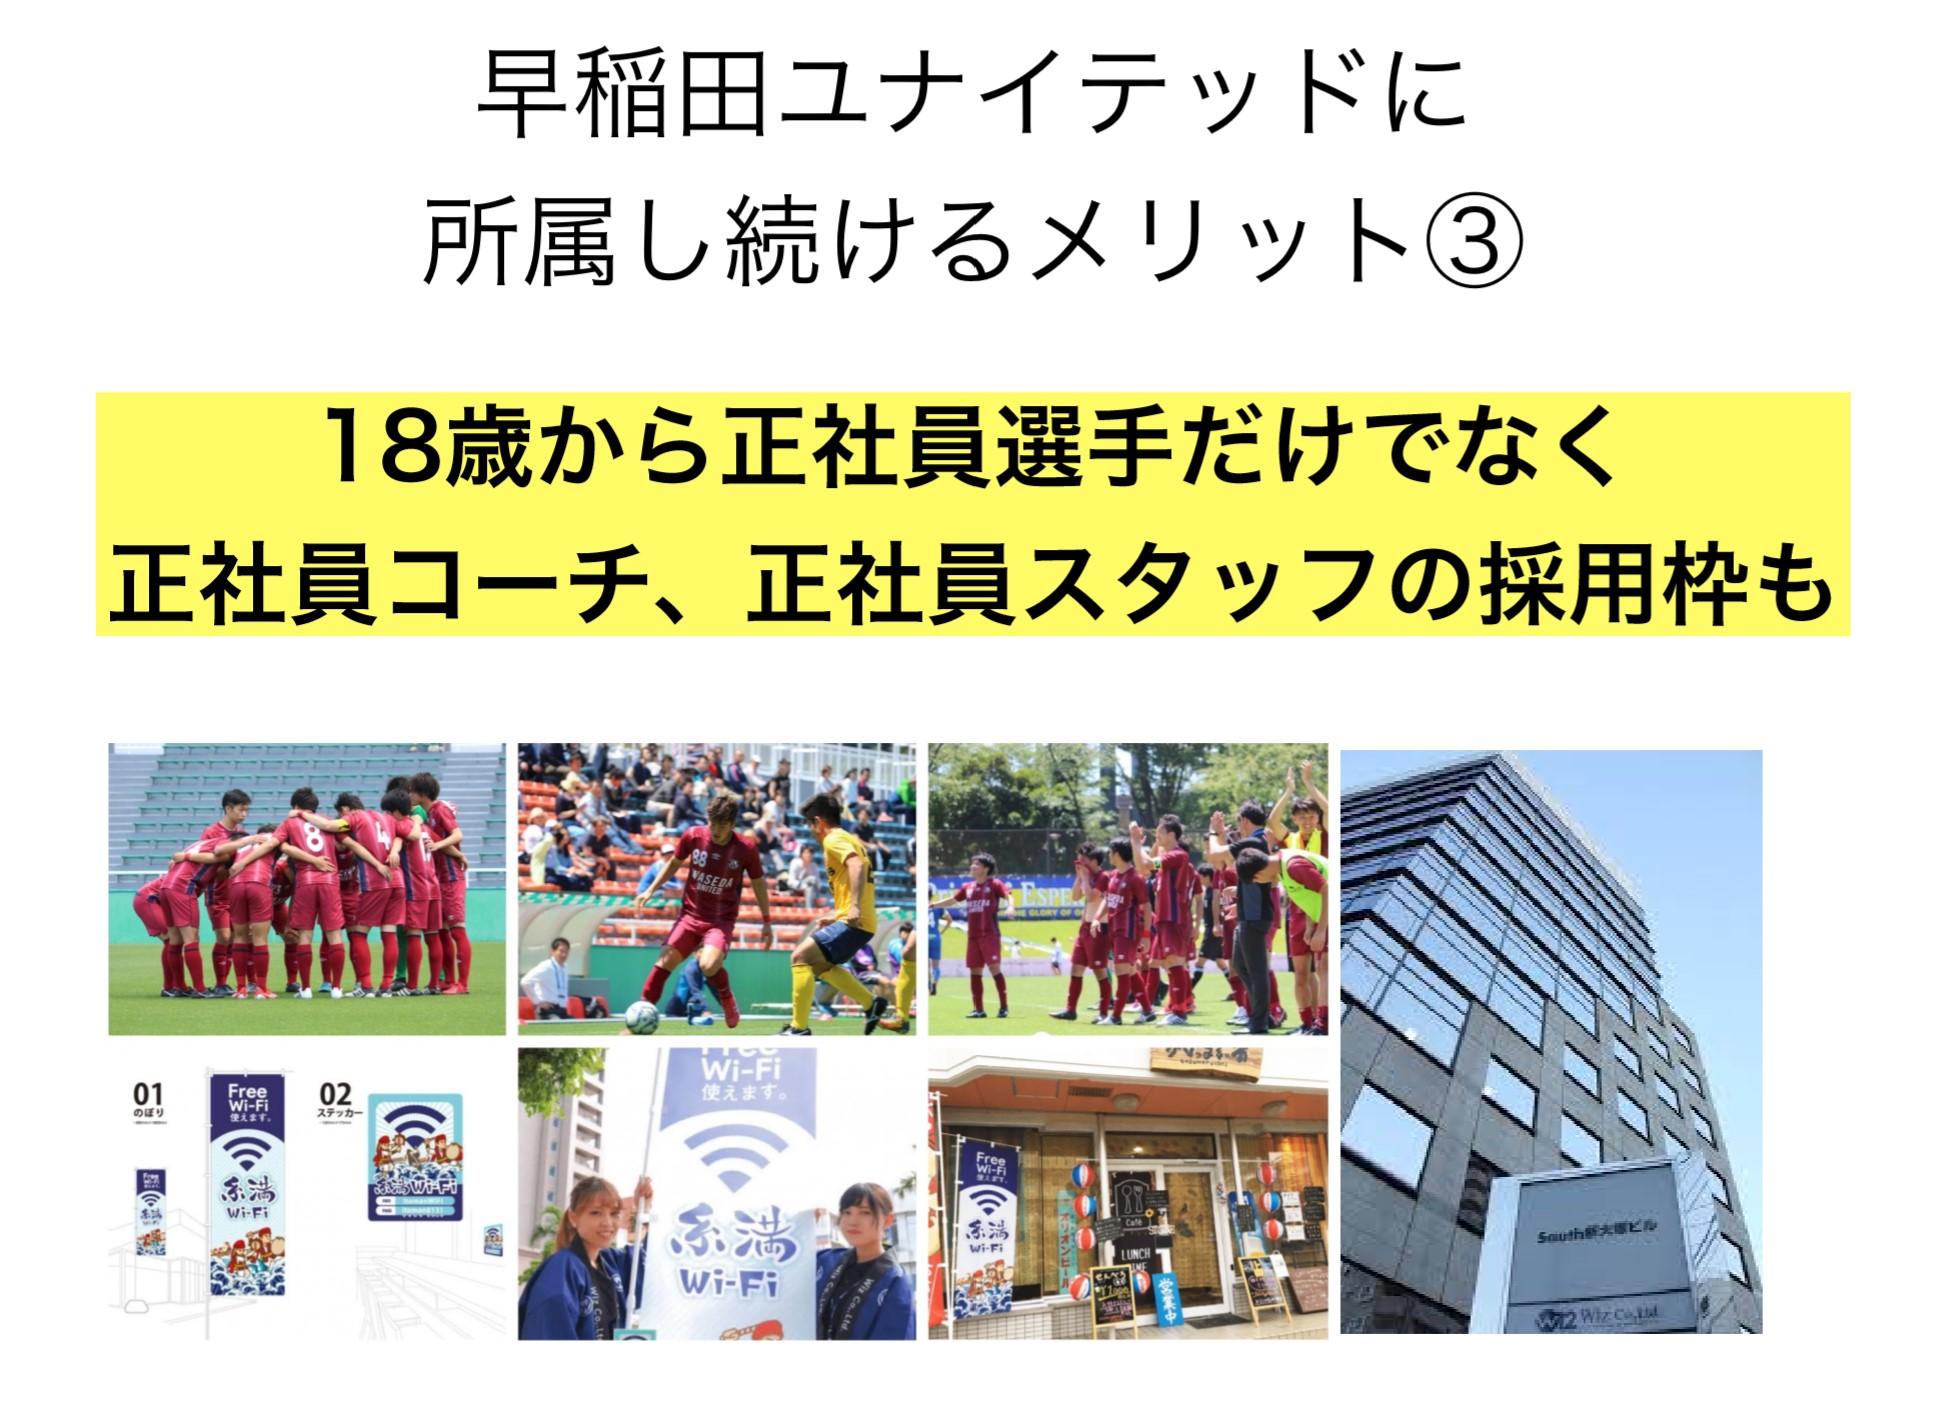 早稲田ユナイテッドアカデミー説明資料9